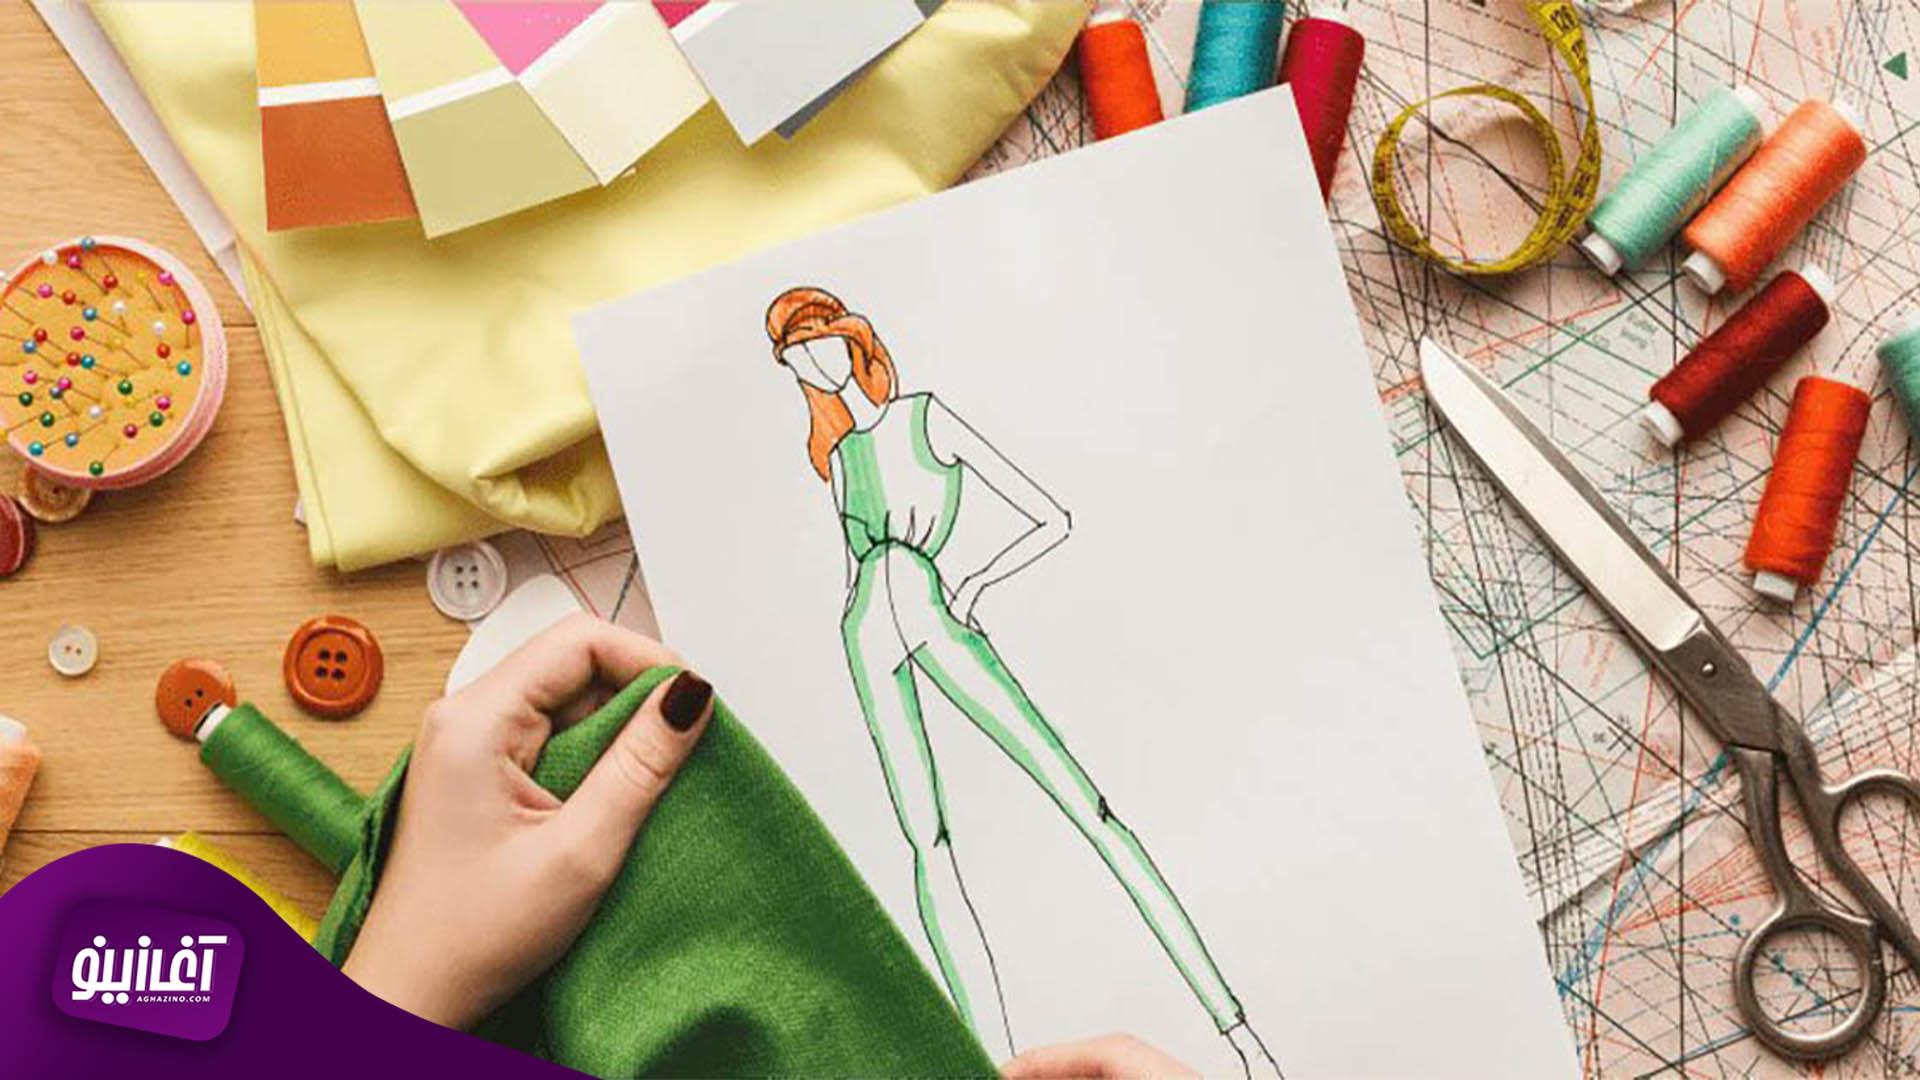 9) طراحی لباس یکی از کسب و کارهای جدید در تهران